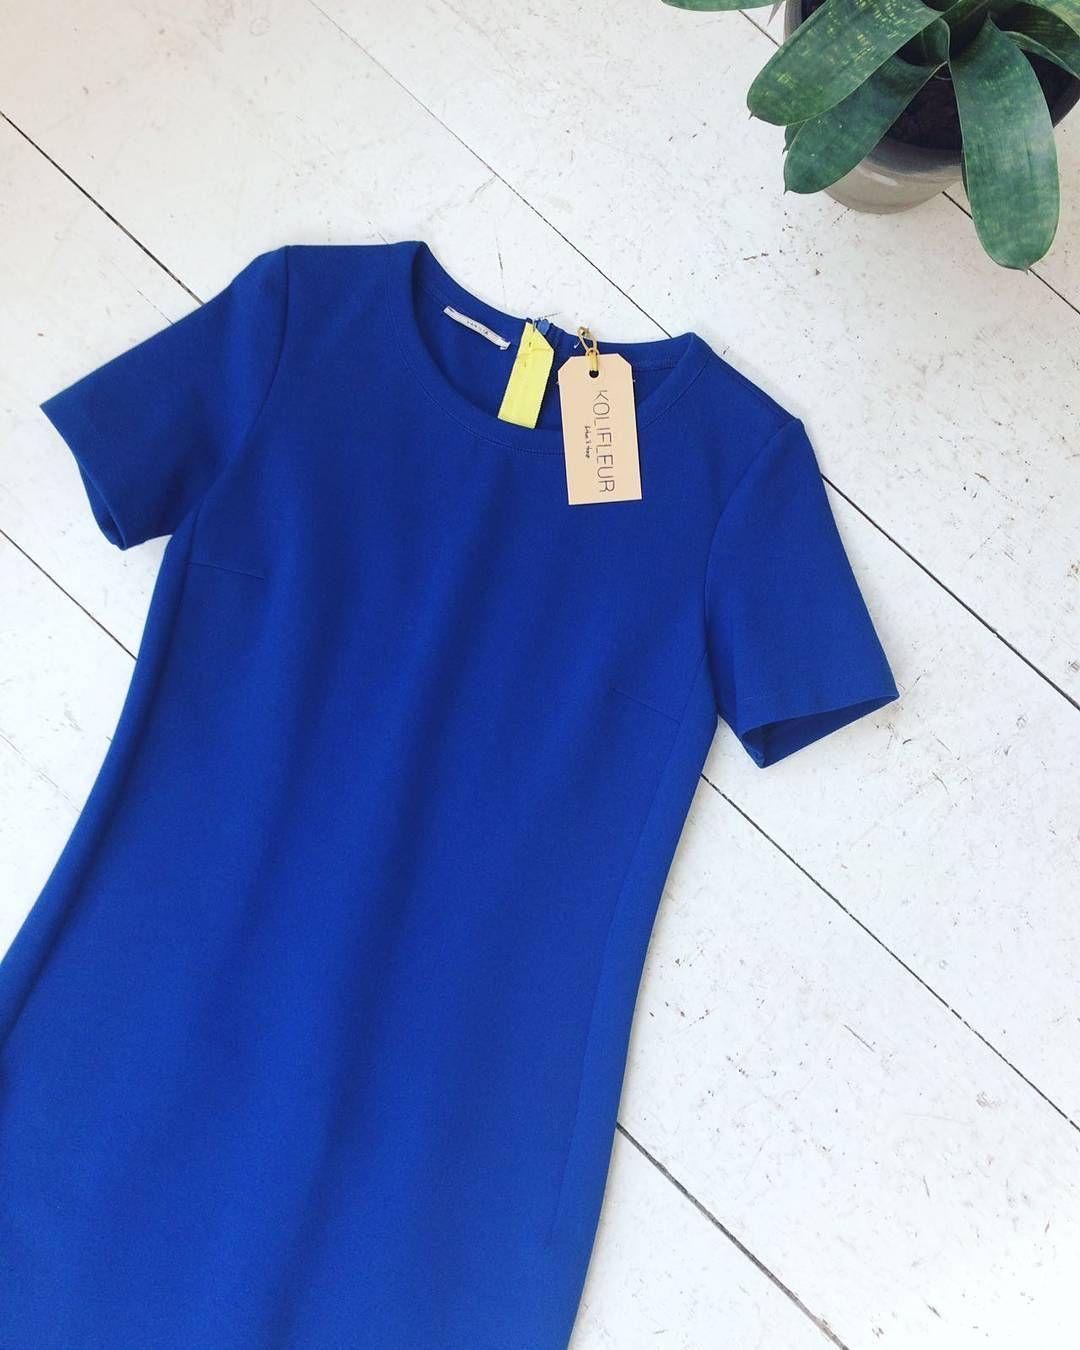 Vanilia dress [size 36] #kolifleur #dutchfashion 📷 by @weirdnomad